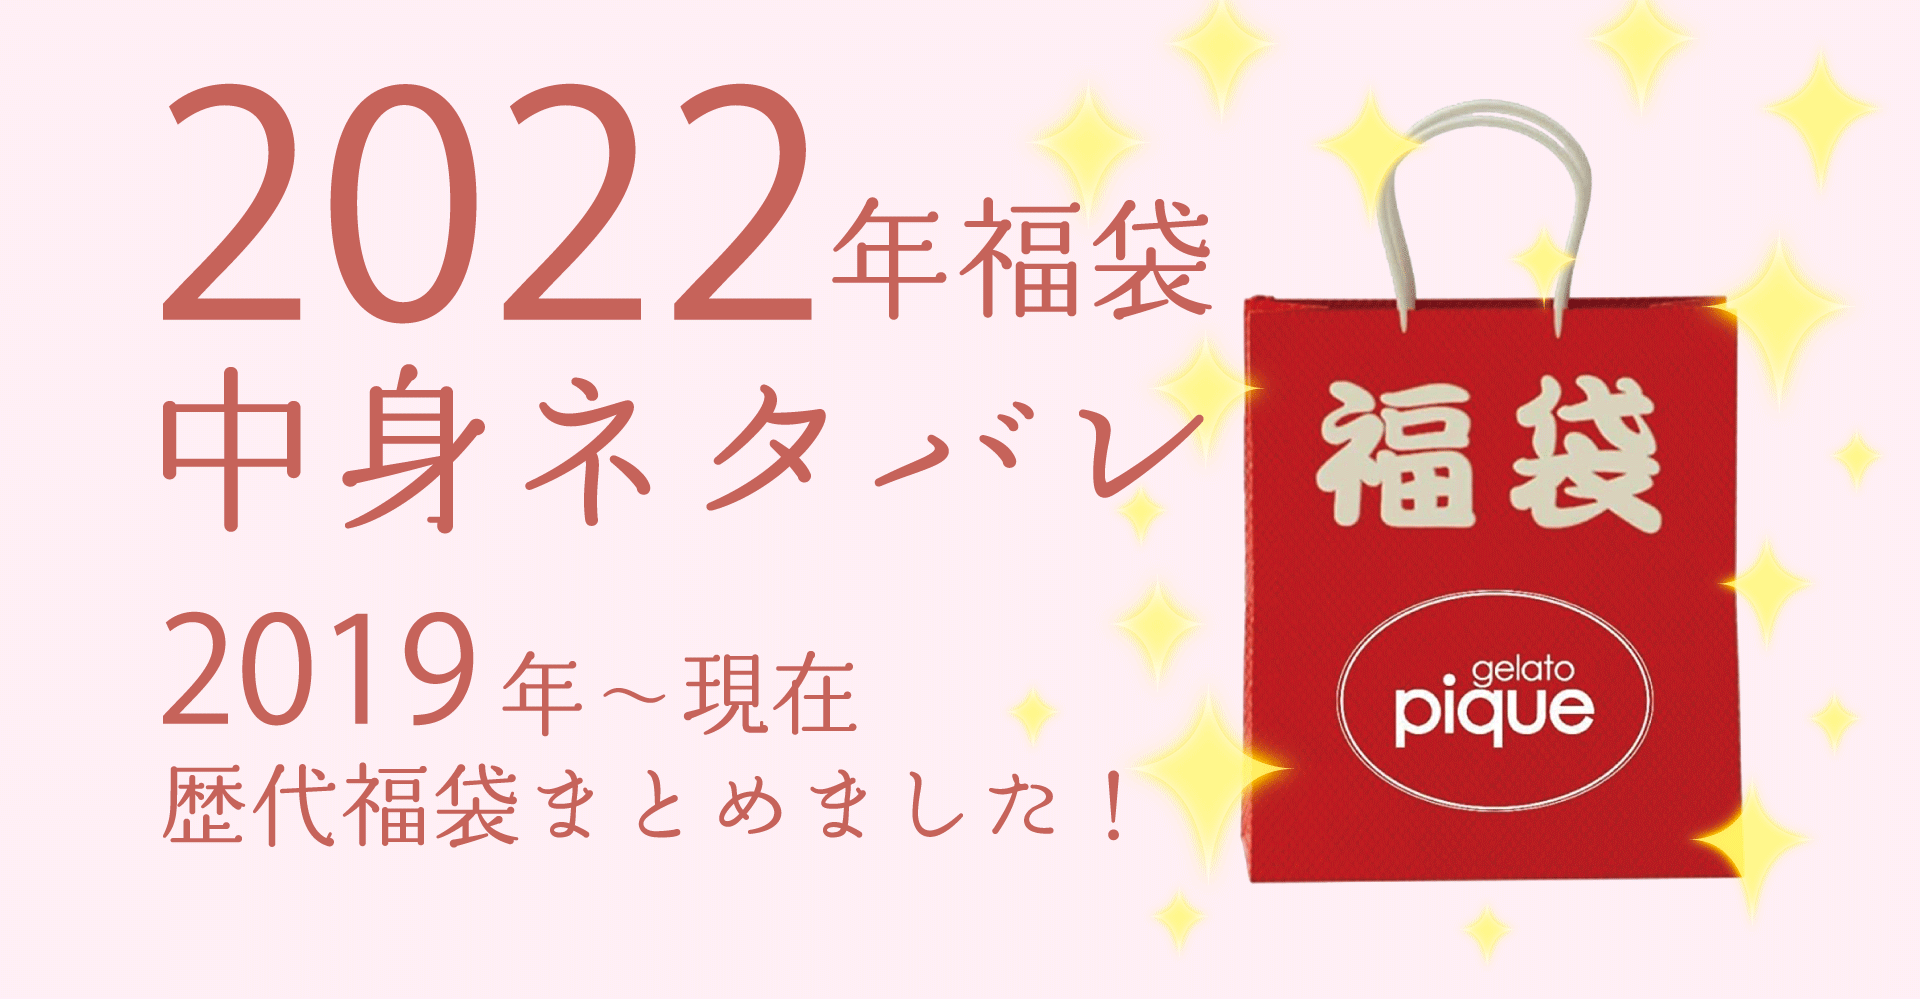 ジェラートピケ2022年福袋中身ネタバレ!購入方法やおすすめの通販サイトも!